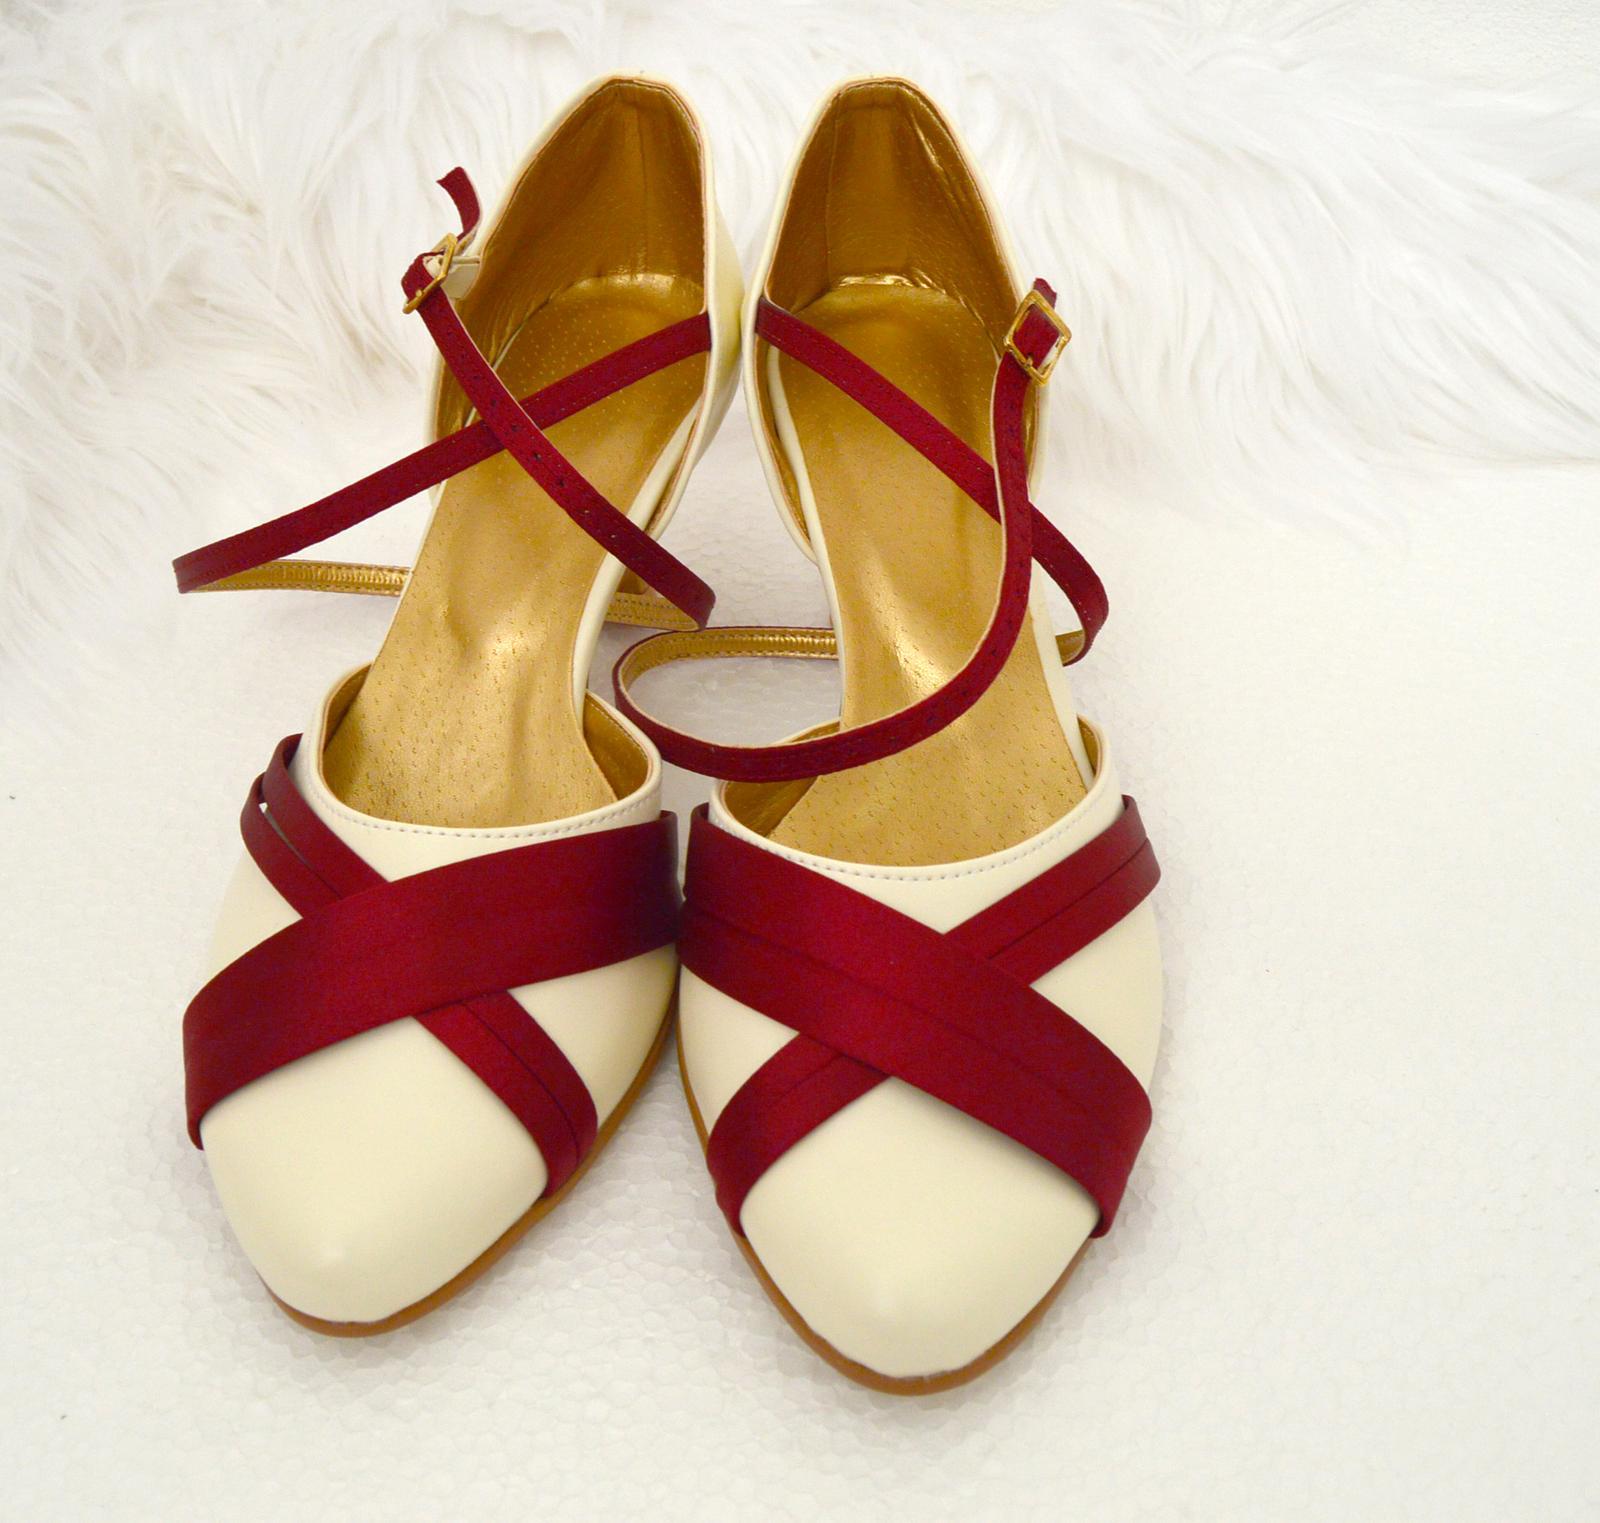 Svadobné topánky s úpravou na želanie - inšpirácie bordó, hnědá, čokoládová - Svadobné topánky kombinácia eko koža ivory + satén bordó, úpravy podľa želania klientky